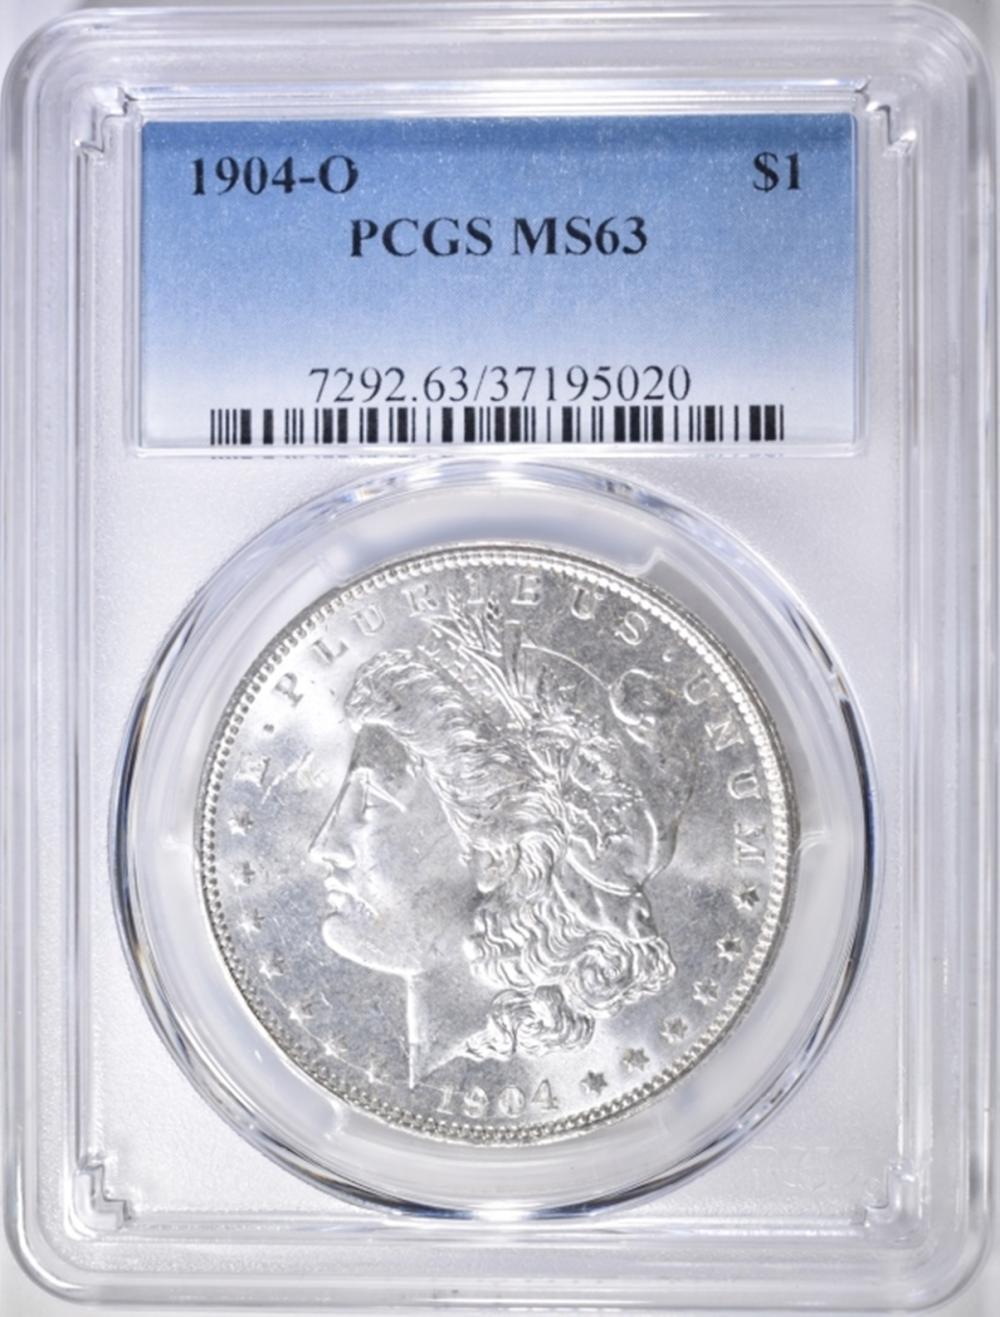 Lot 95: 1904-O MORGAN DOLLAR PCGS MS-63